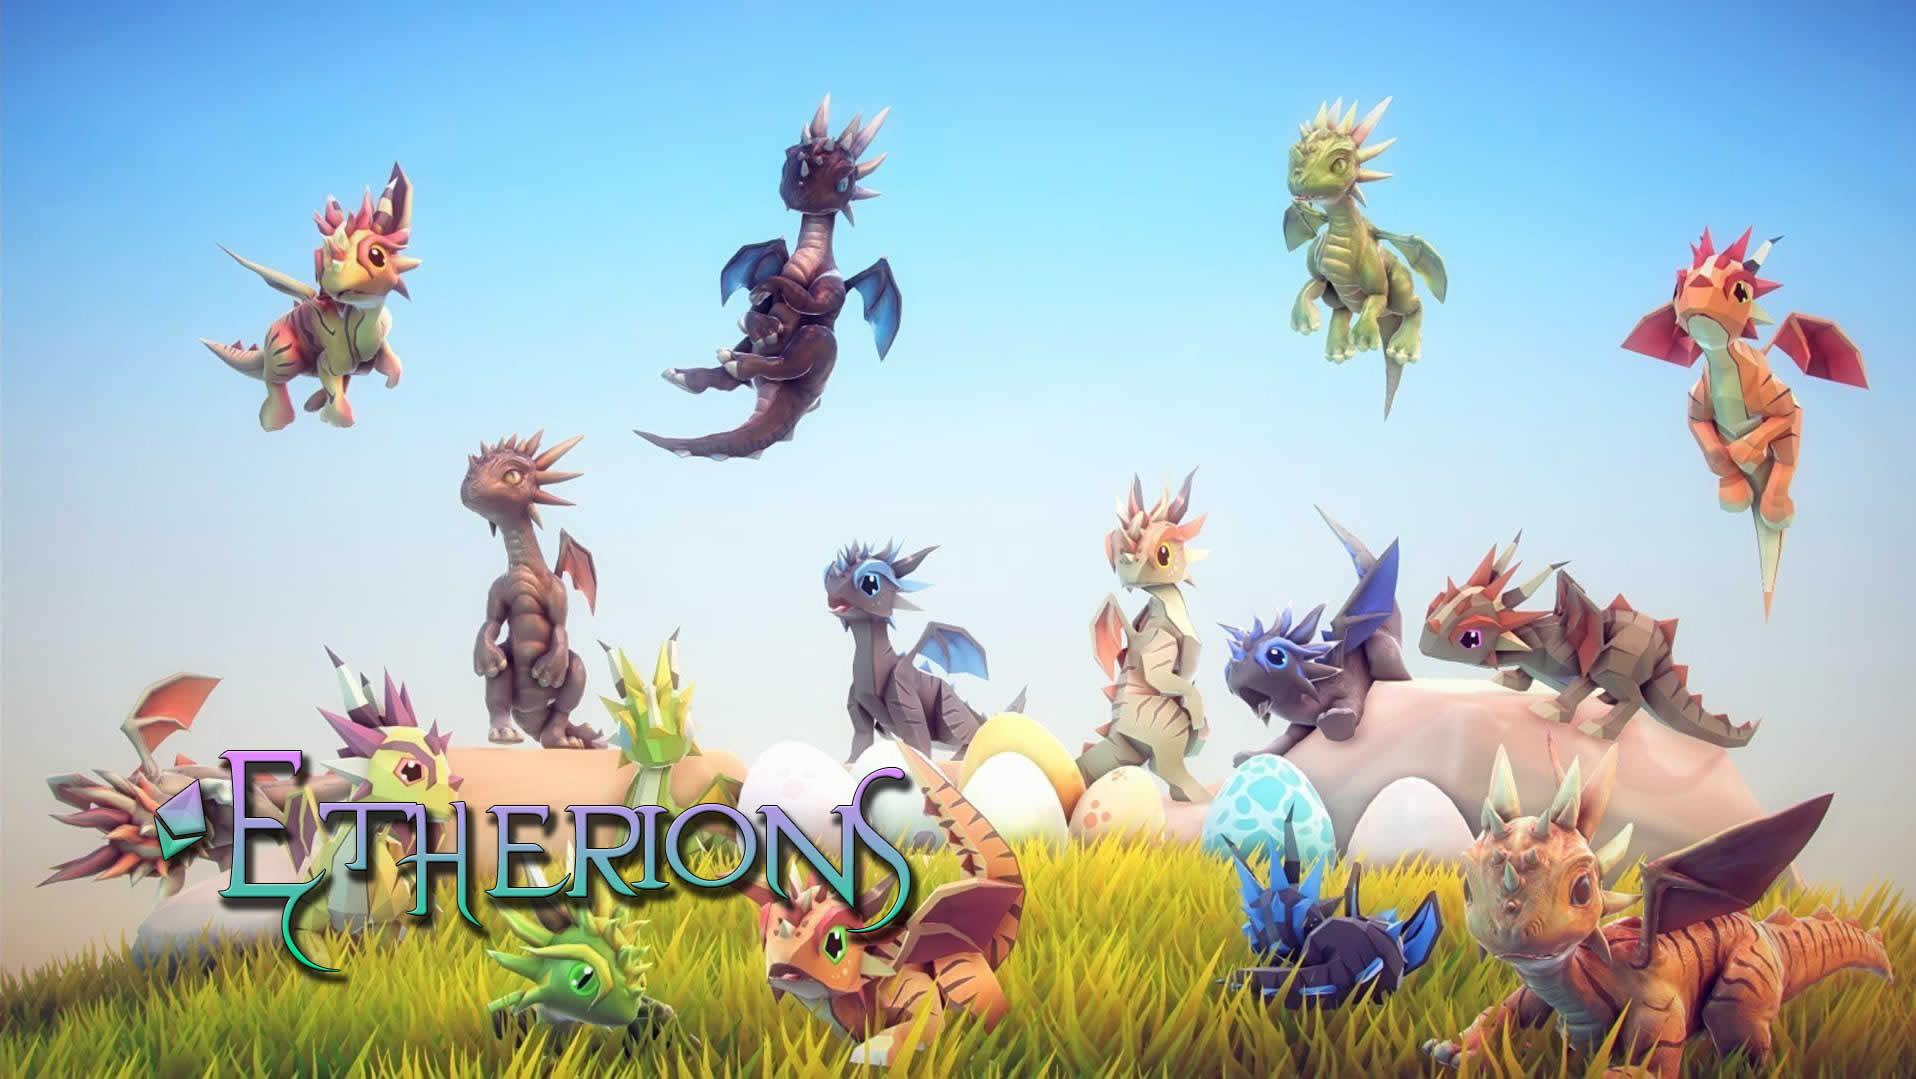 猫の次は竜!?イーサリアムでドラゴンを育成するゲームEtherionsが登場